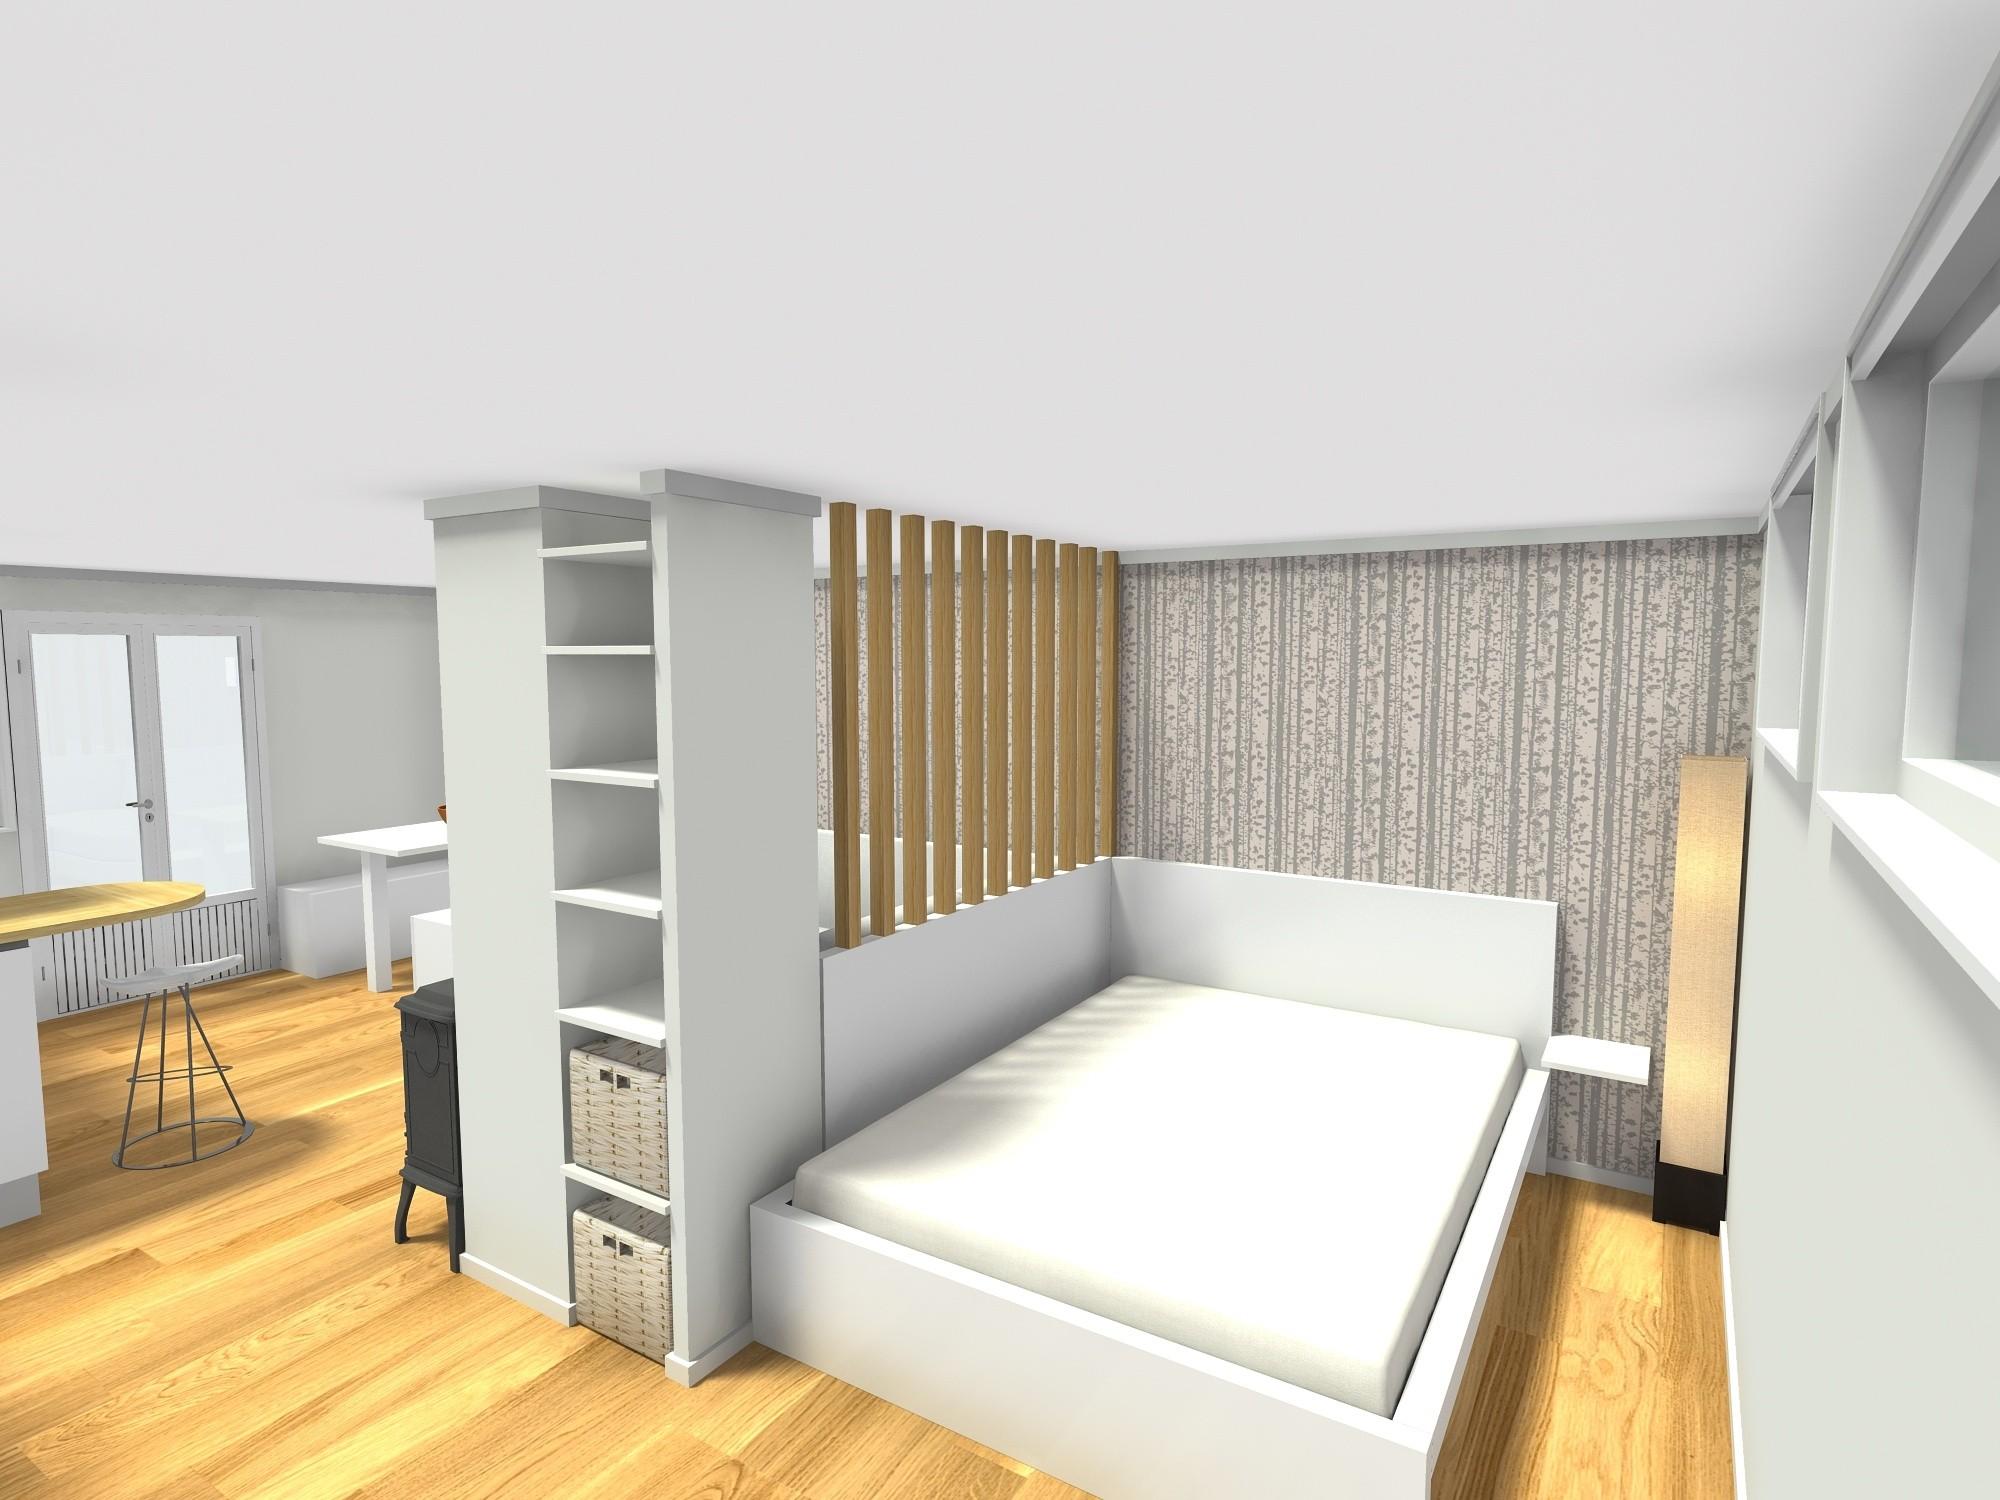 spavaći dio mikrostan 25 m2 srušeni zidovi